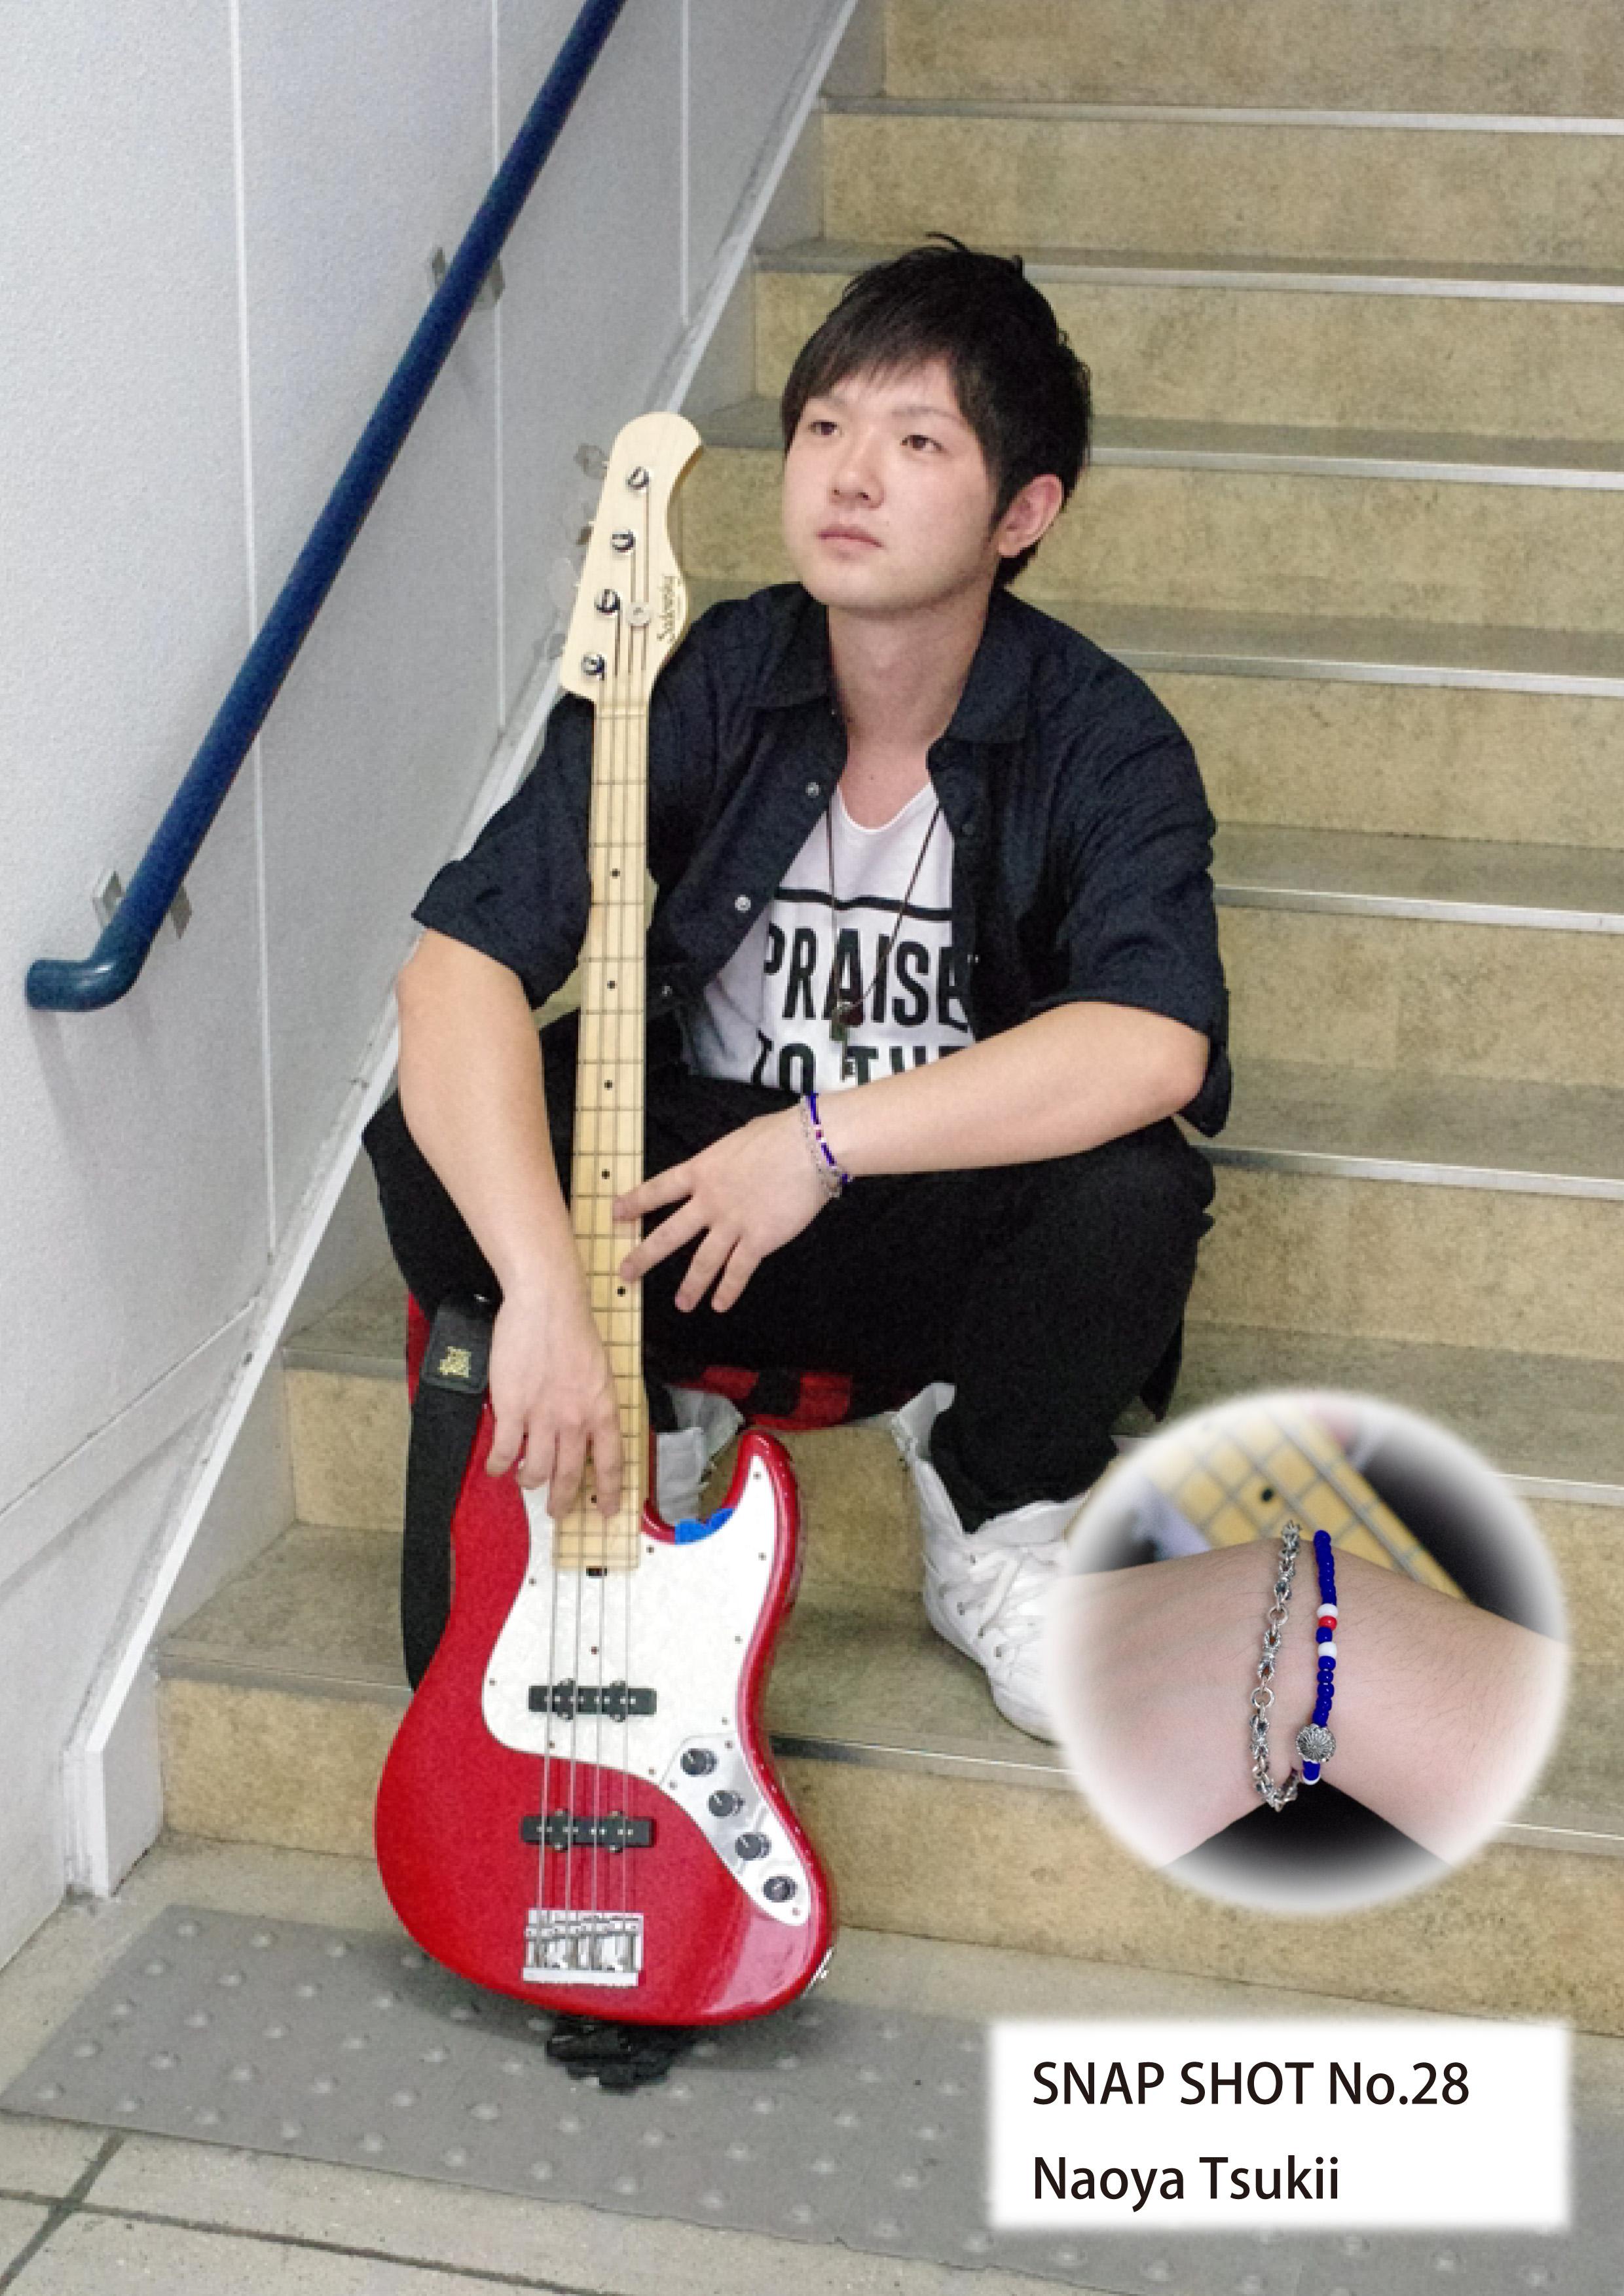 SNAP28 Naoya Tsukii